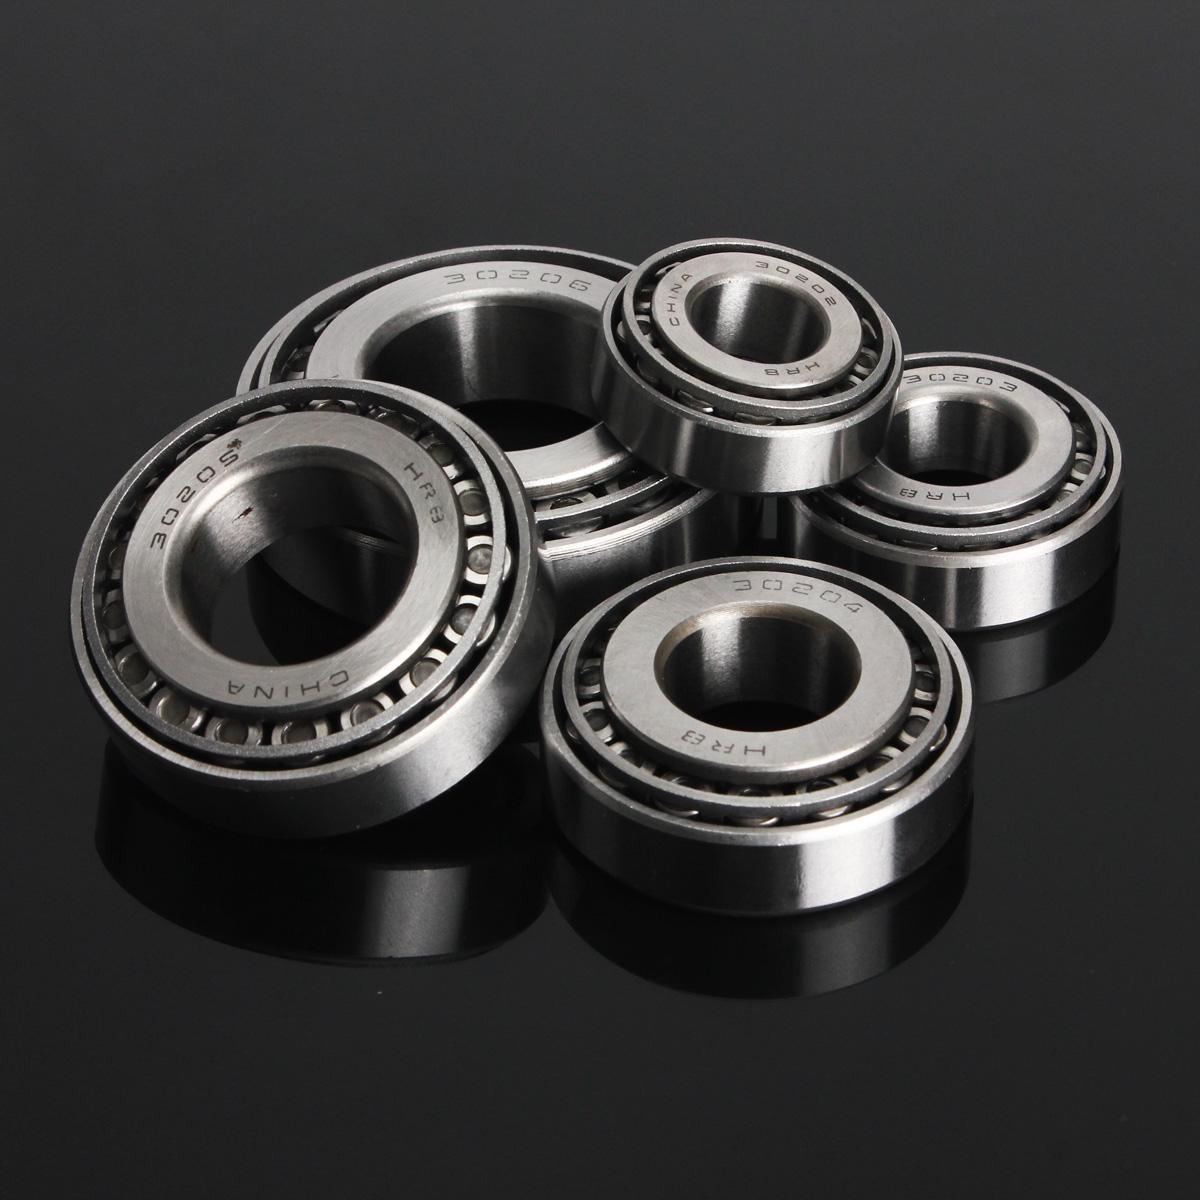 Buy 30202-30206 Steel Single Row Taper Tapered Roller Bearing Metric Bearings